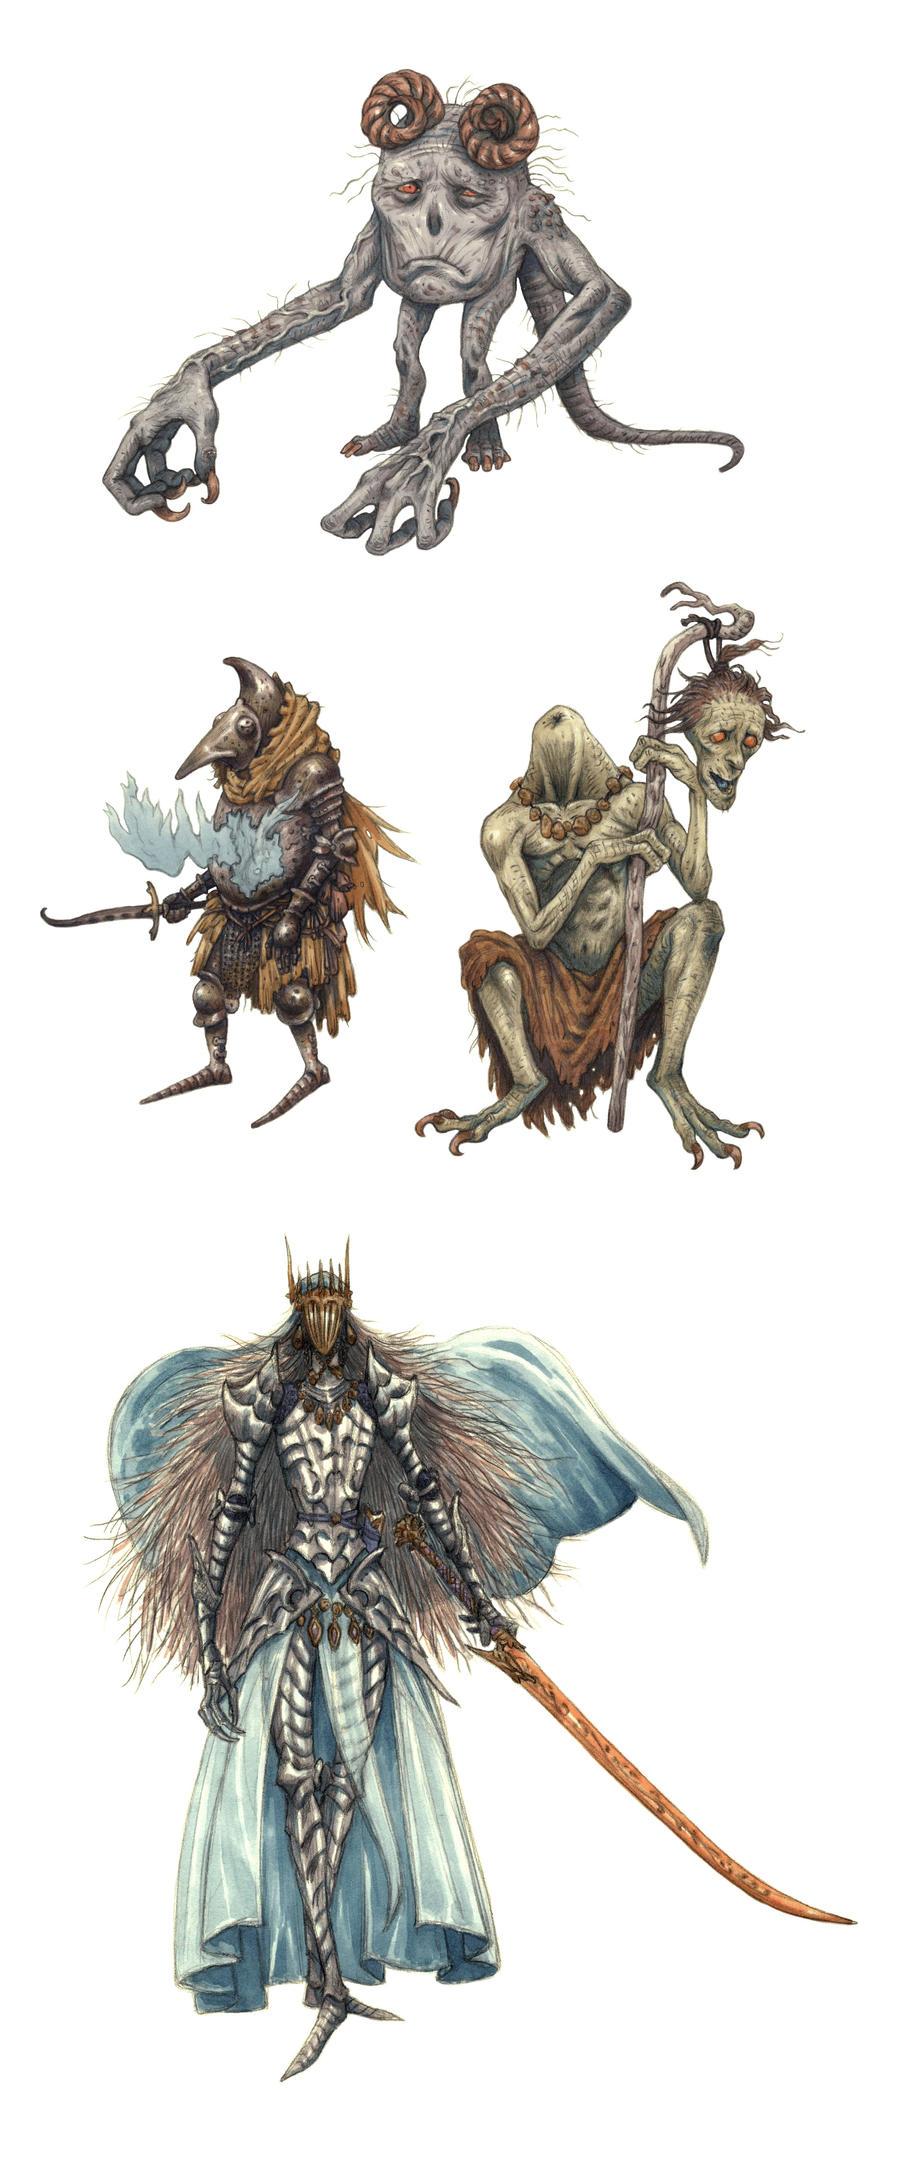 Dark Souls Inspired by eoghankerrigan